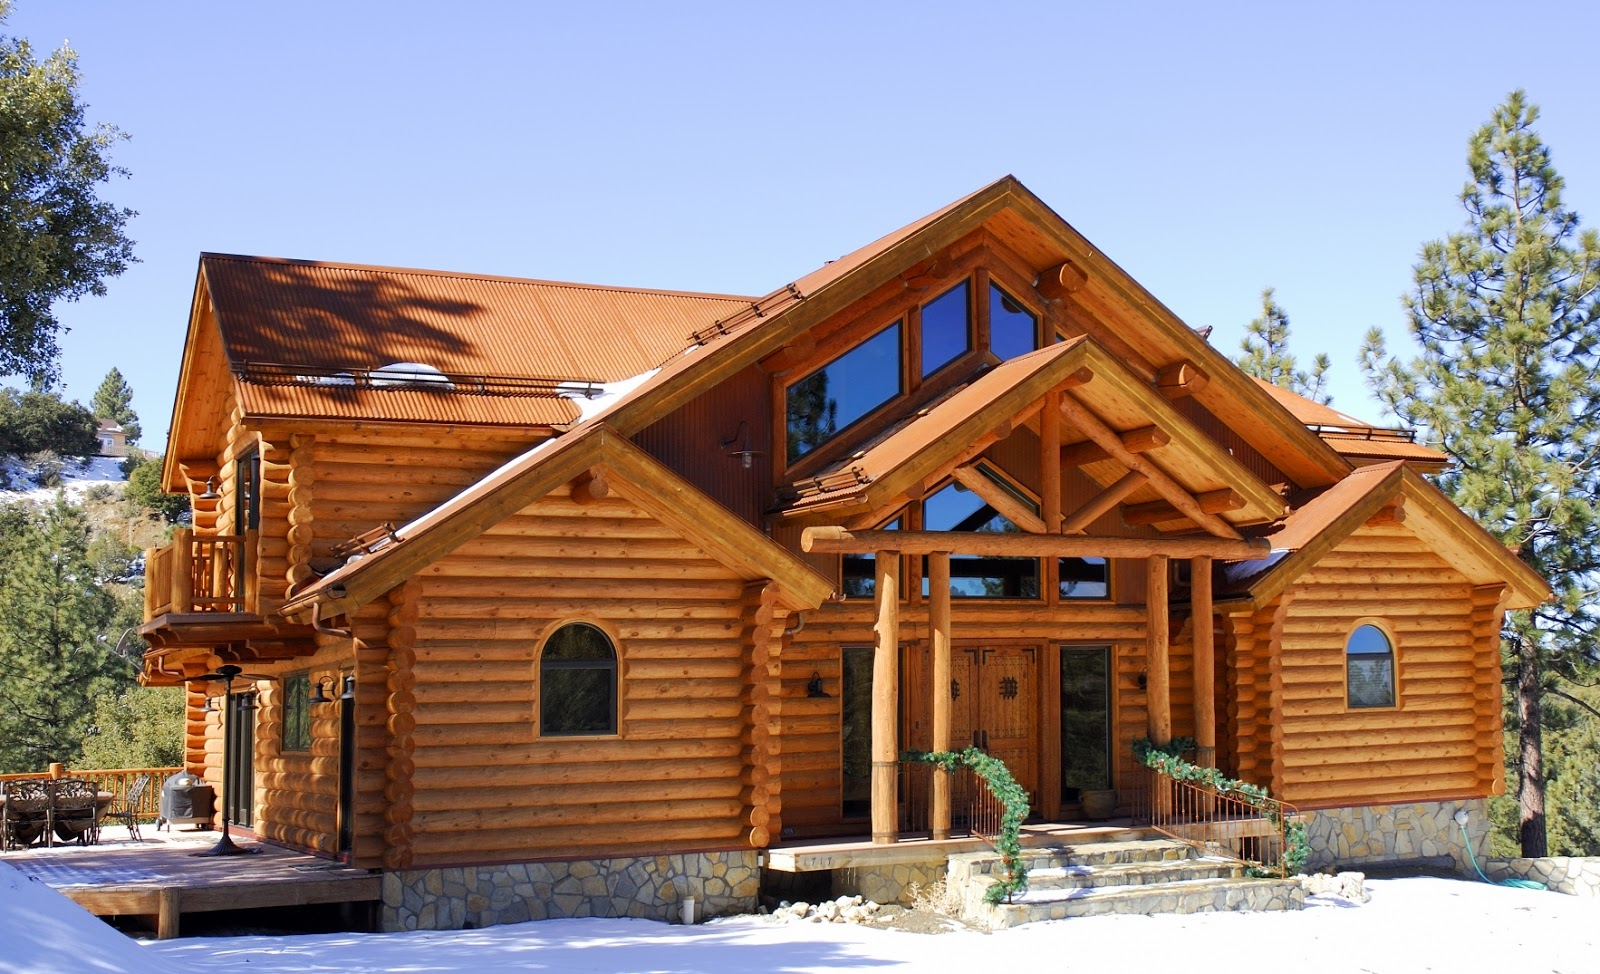 Home garden les fustes des maisons en rondins de bois - Chalet en rondin de bois ...